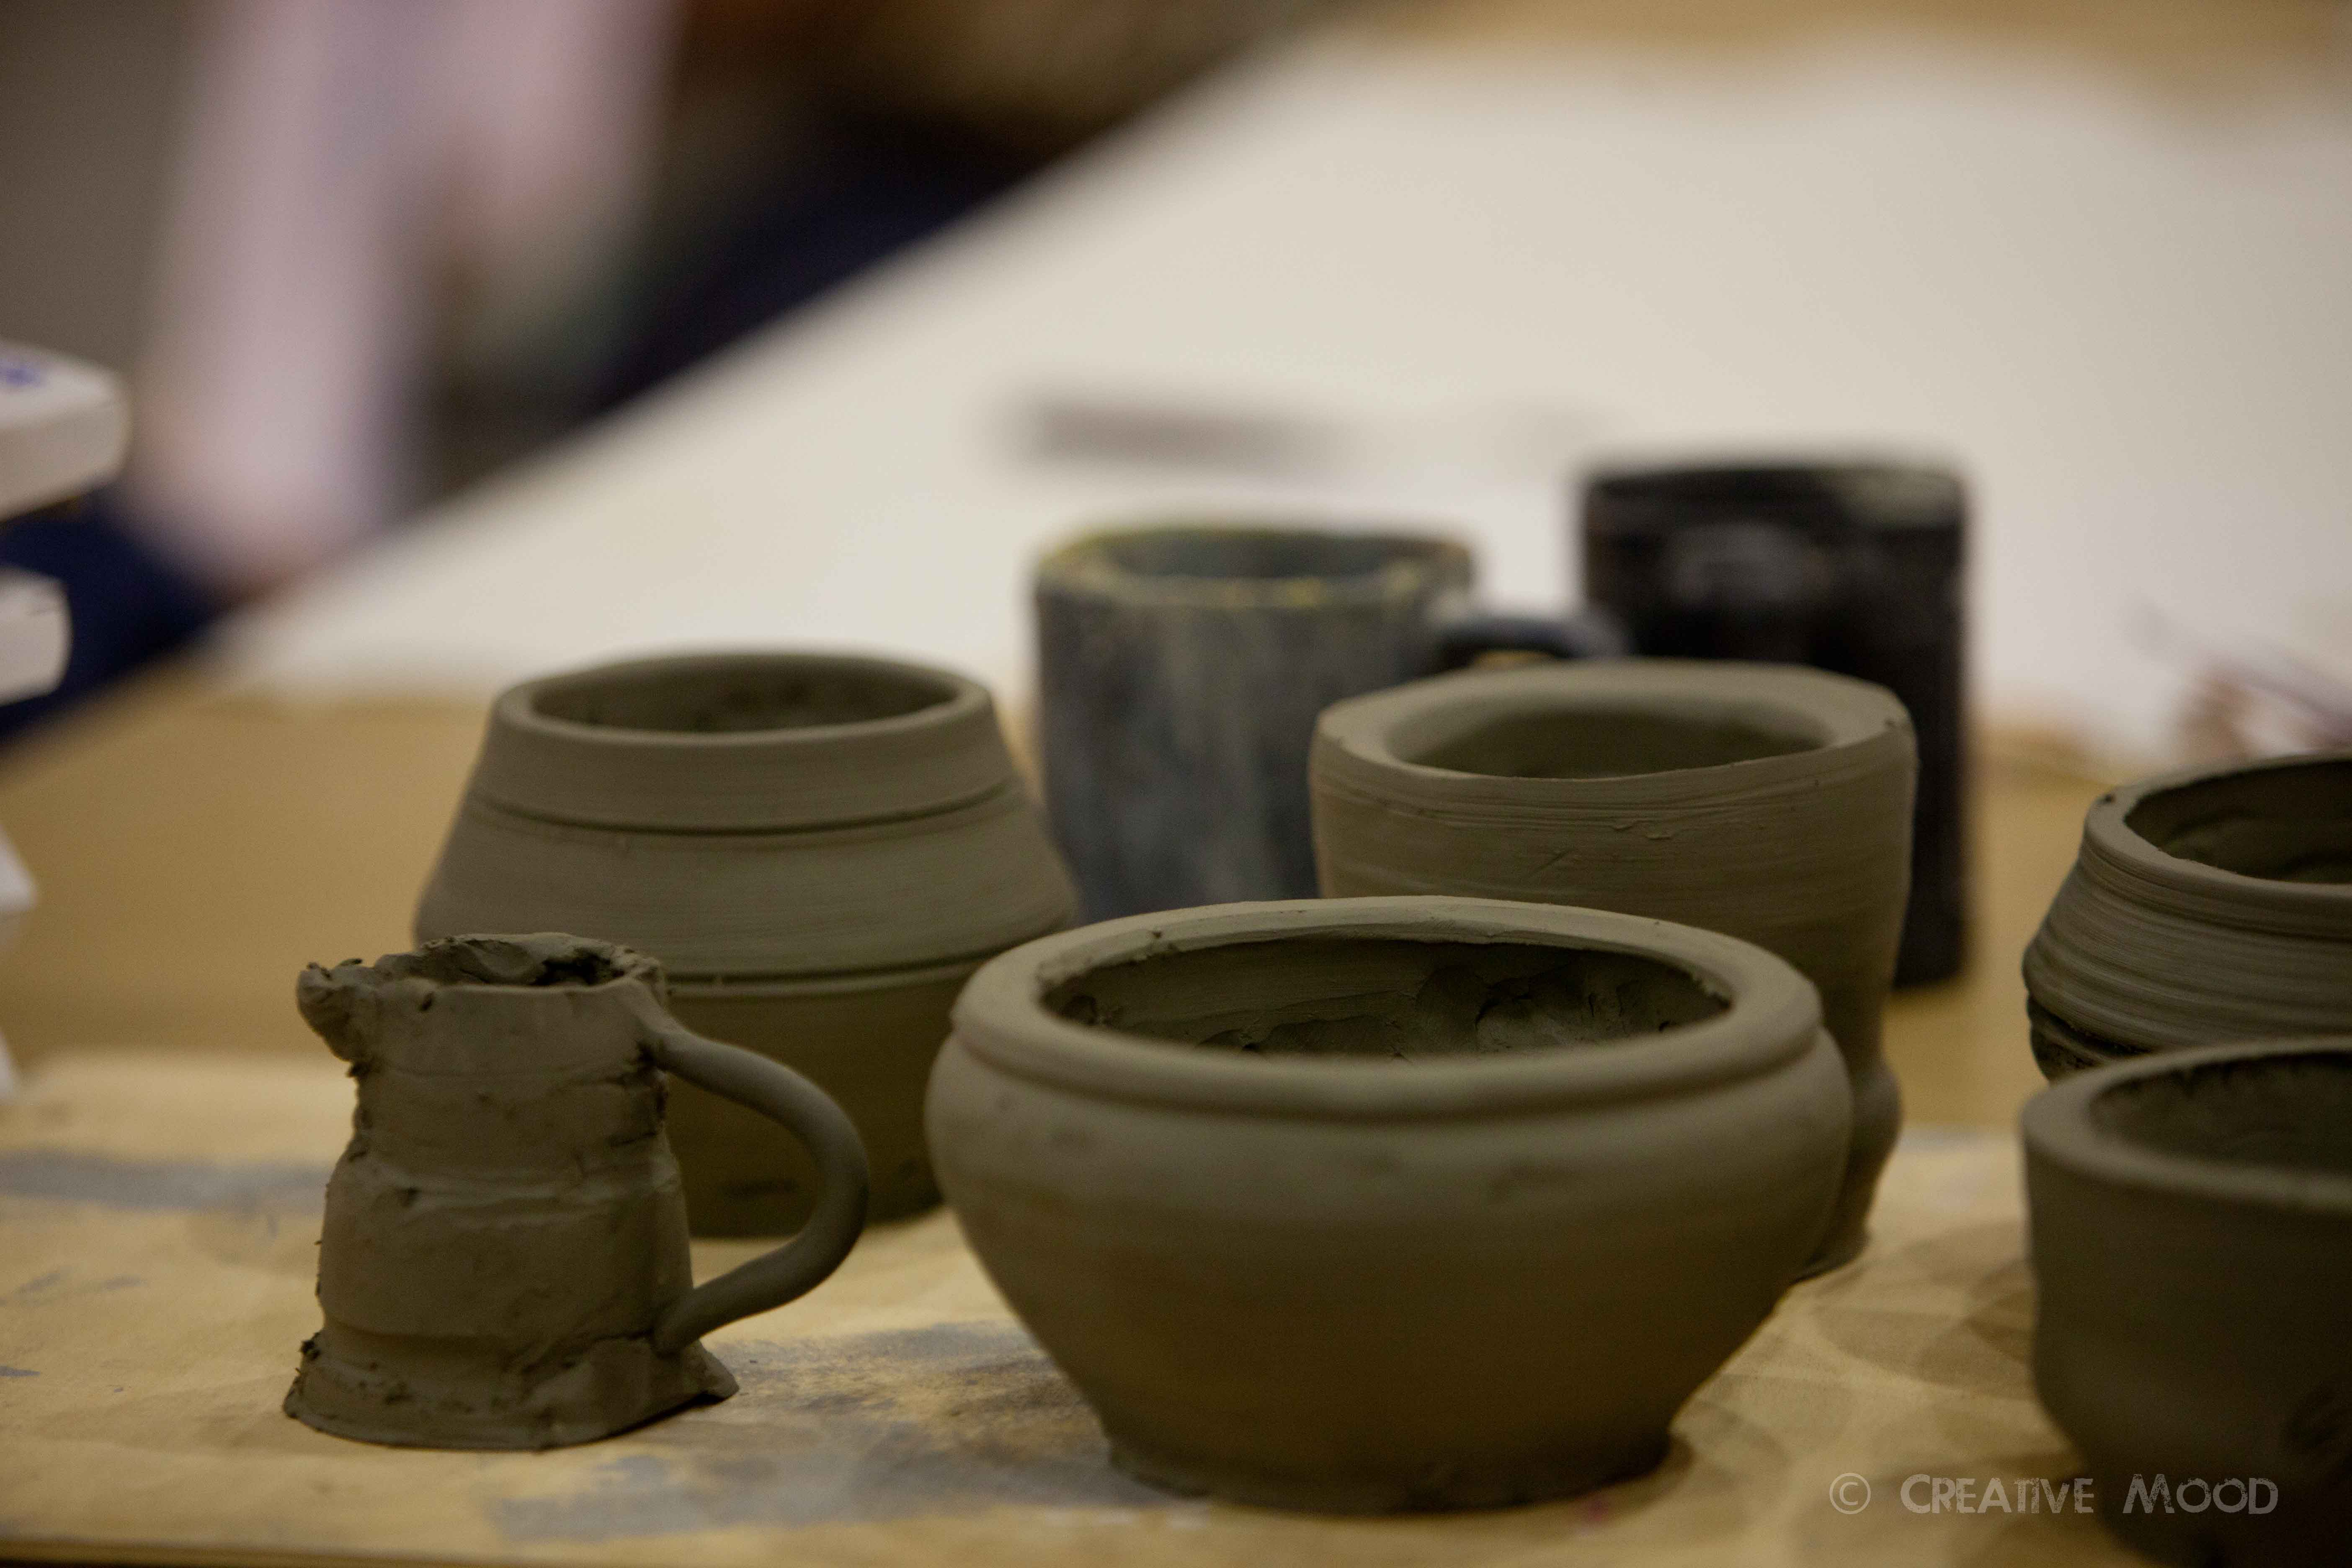 Realizzare un vaso in ceramica con argilla fai da te